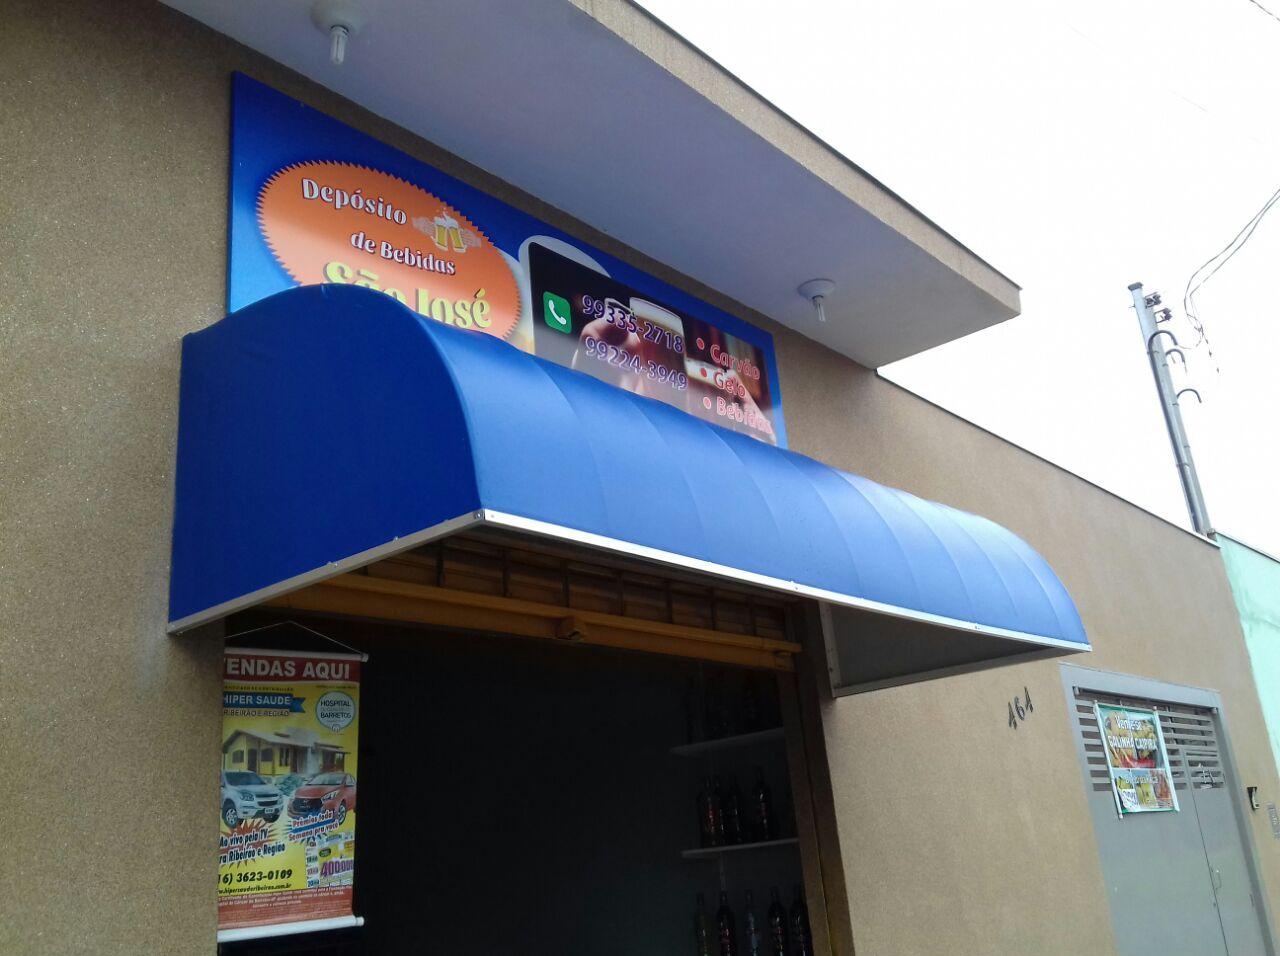 Projetos toldosert toldos letra caixa fachada for Toldos para comercios